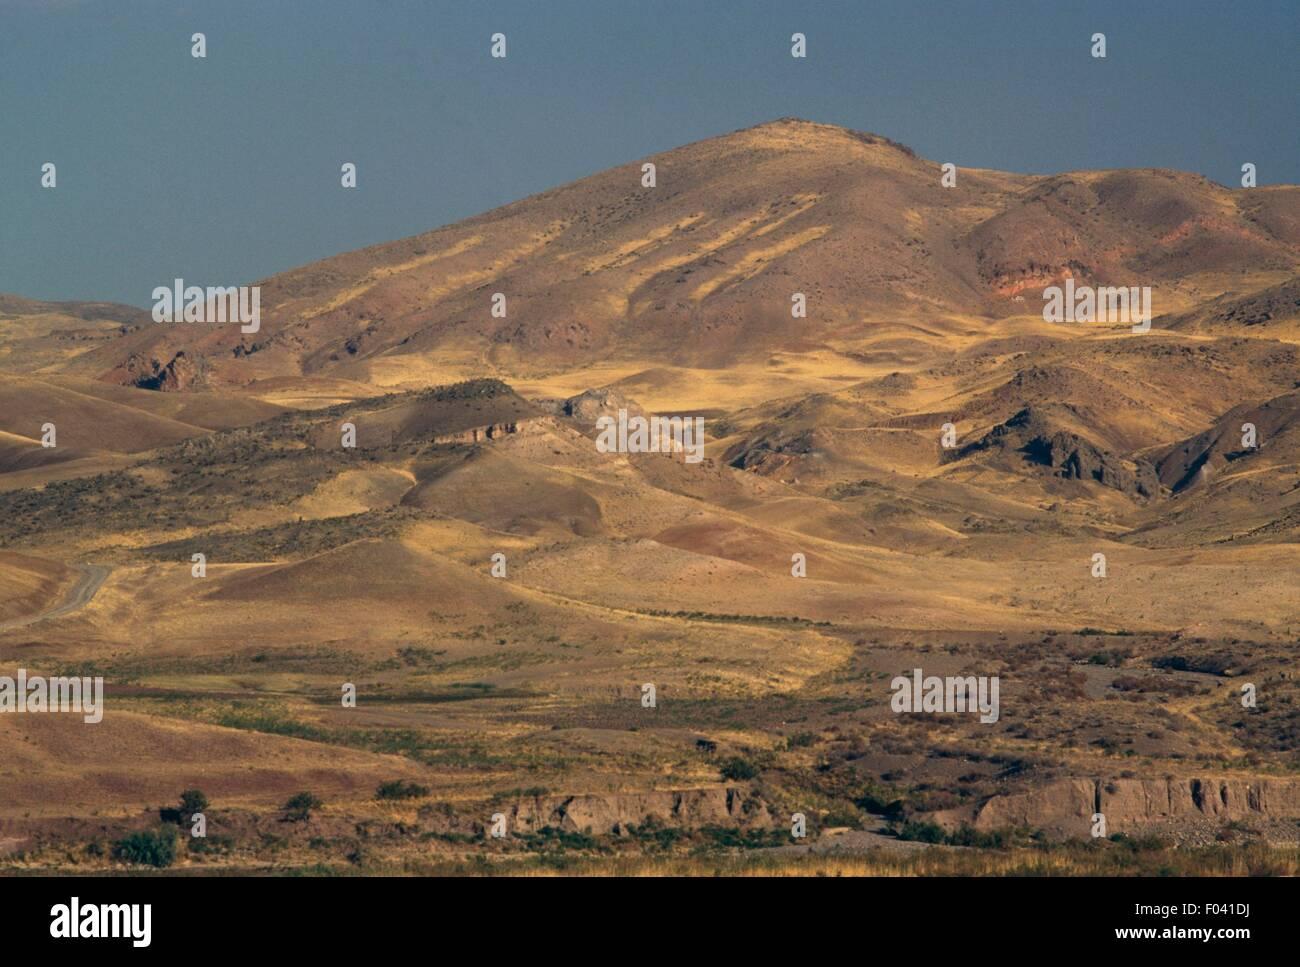 Landschaft Iranischen Aserbaidschan Iran Stockfotografie Alamy